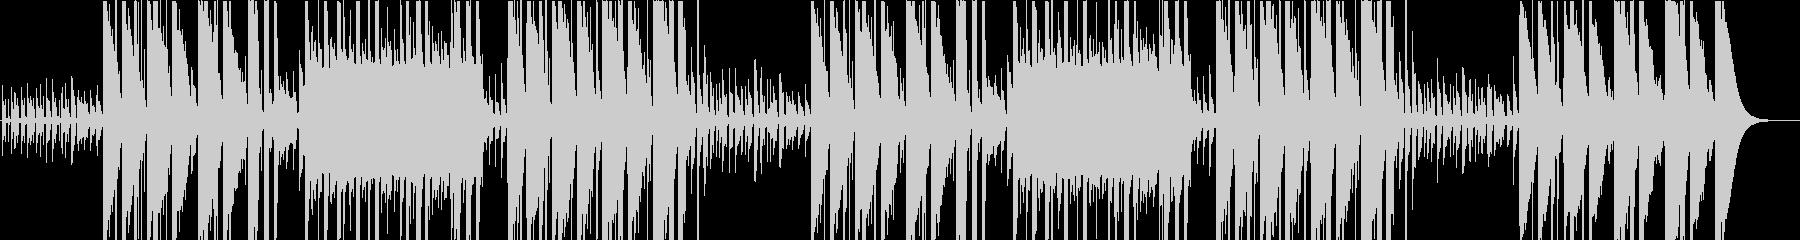 ロックフレーズのヒップホップビートの未再生の波形